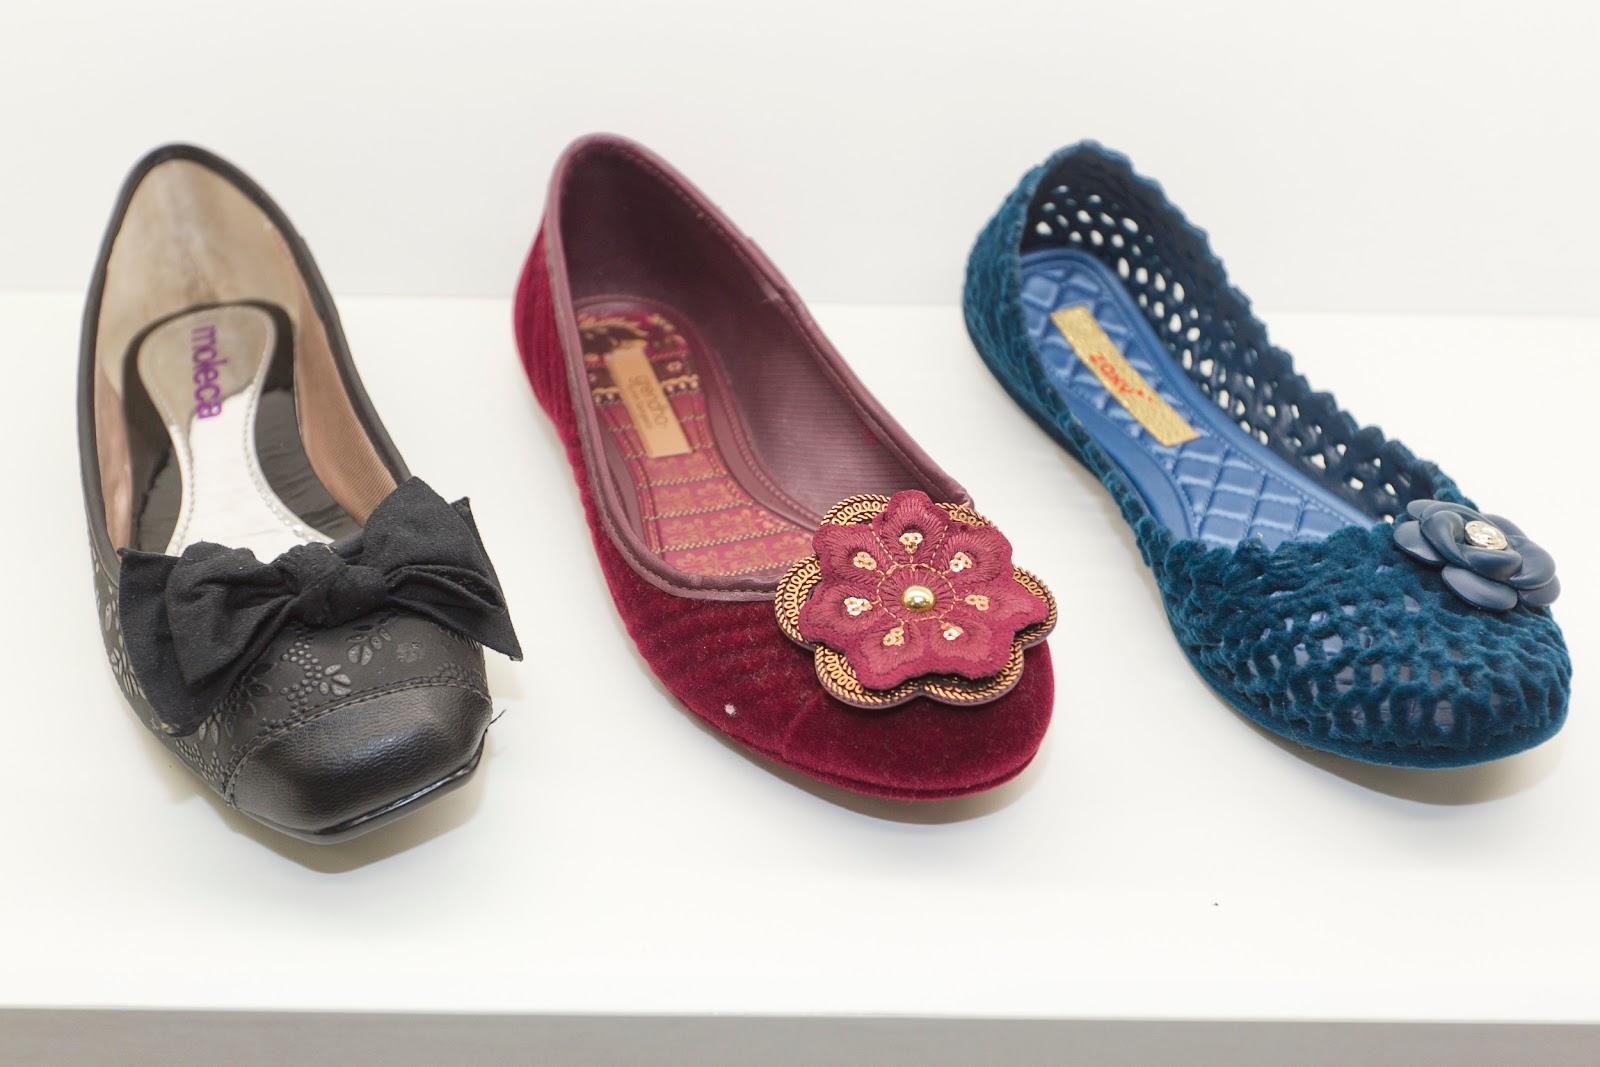 ed133705f4 Para o verão a consultora diz que as sapatilhas podem ser utilizadas com  roupas mais leves